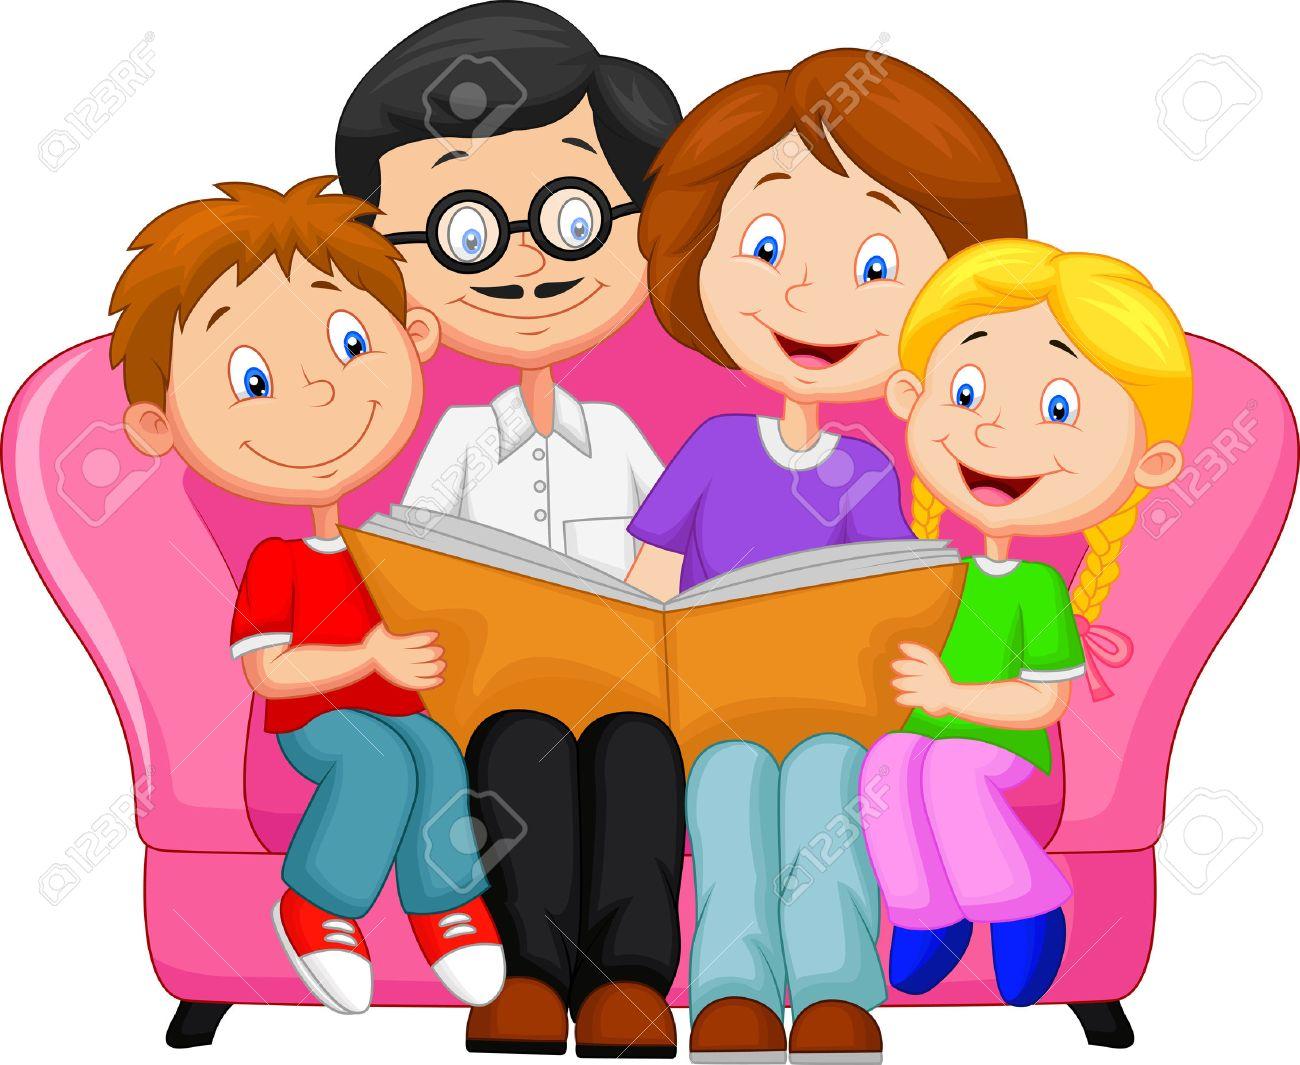 Happy family cartoon reading book - 27166458